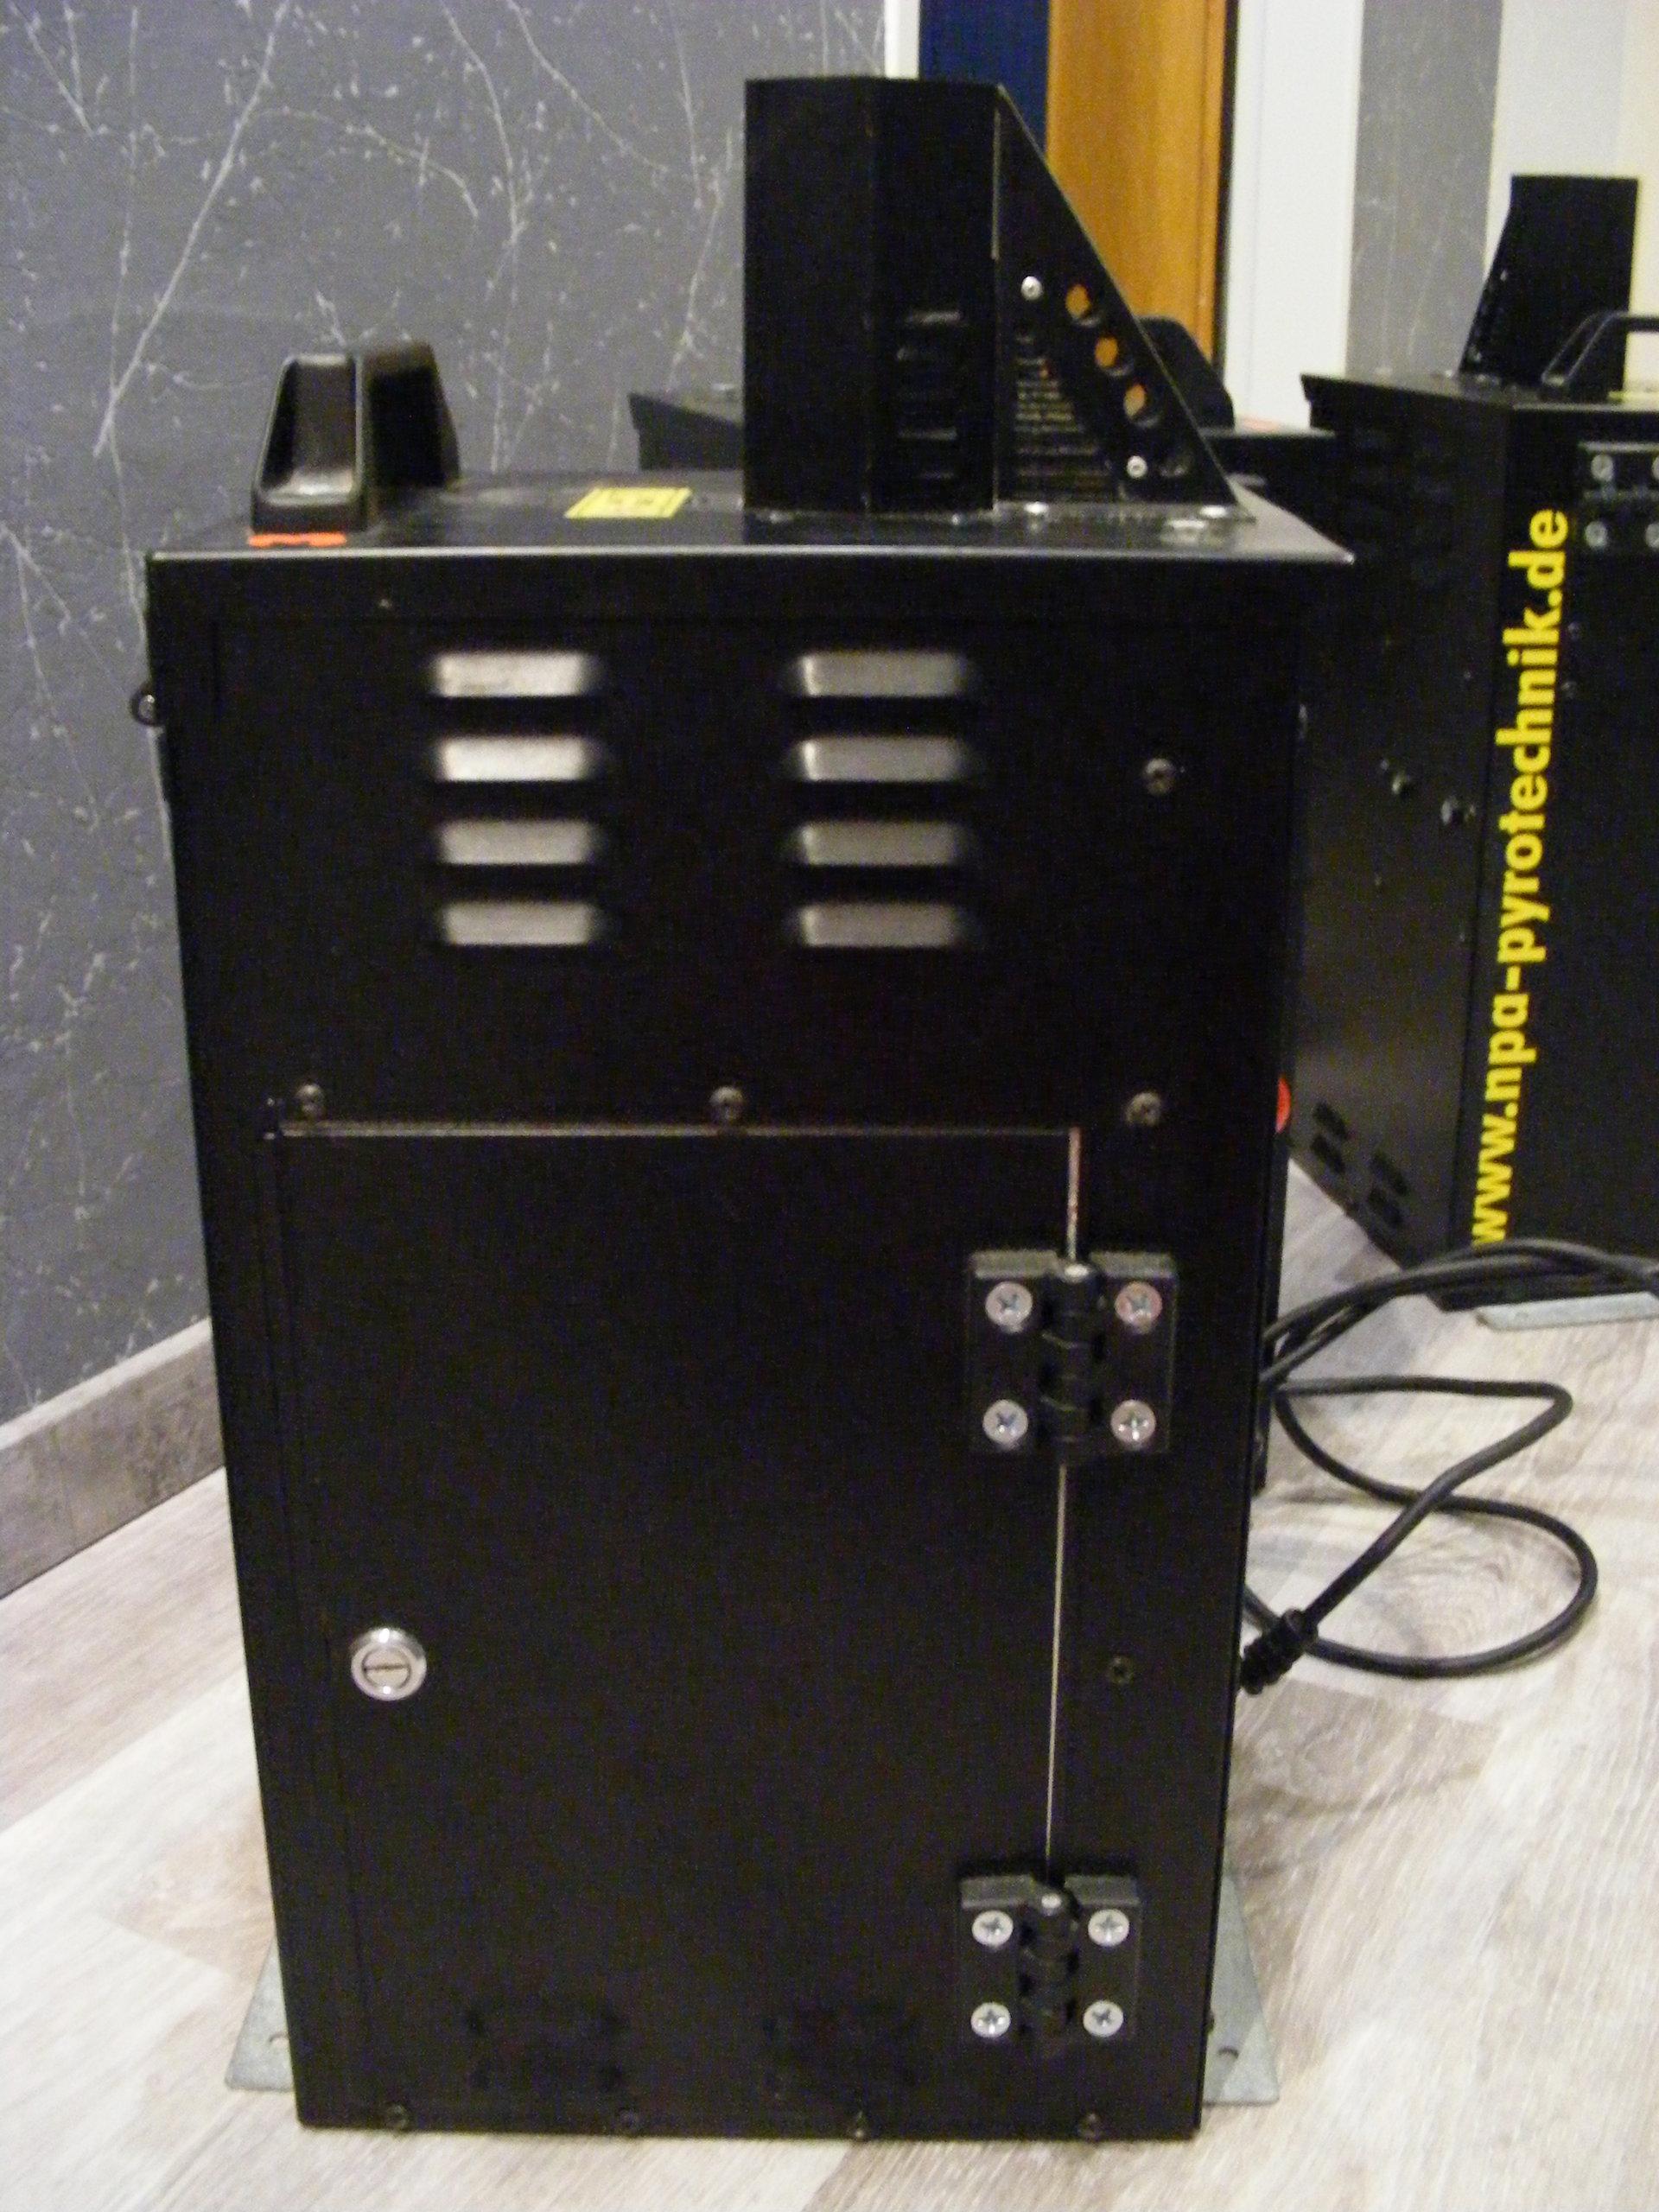 DSCF6011.JPG